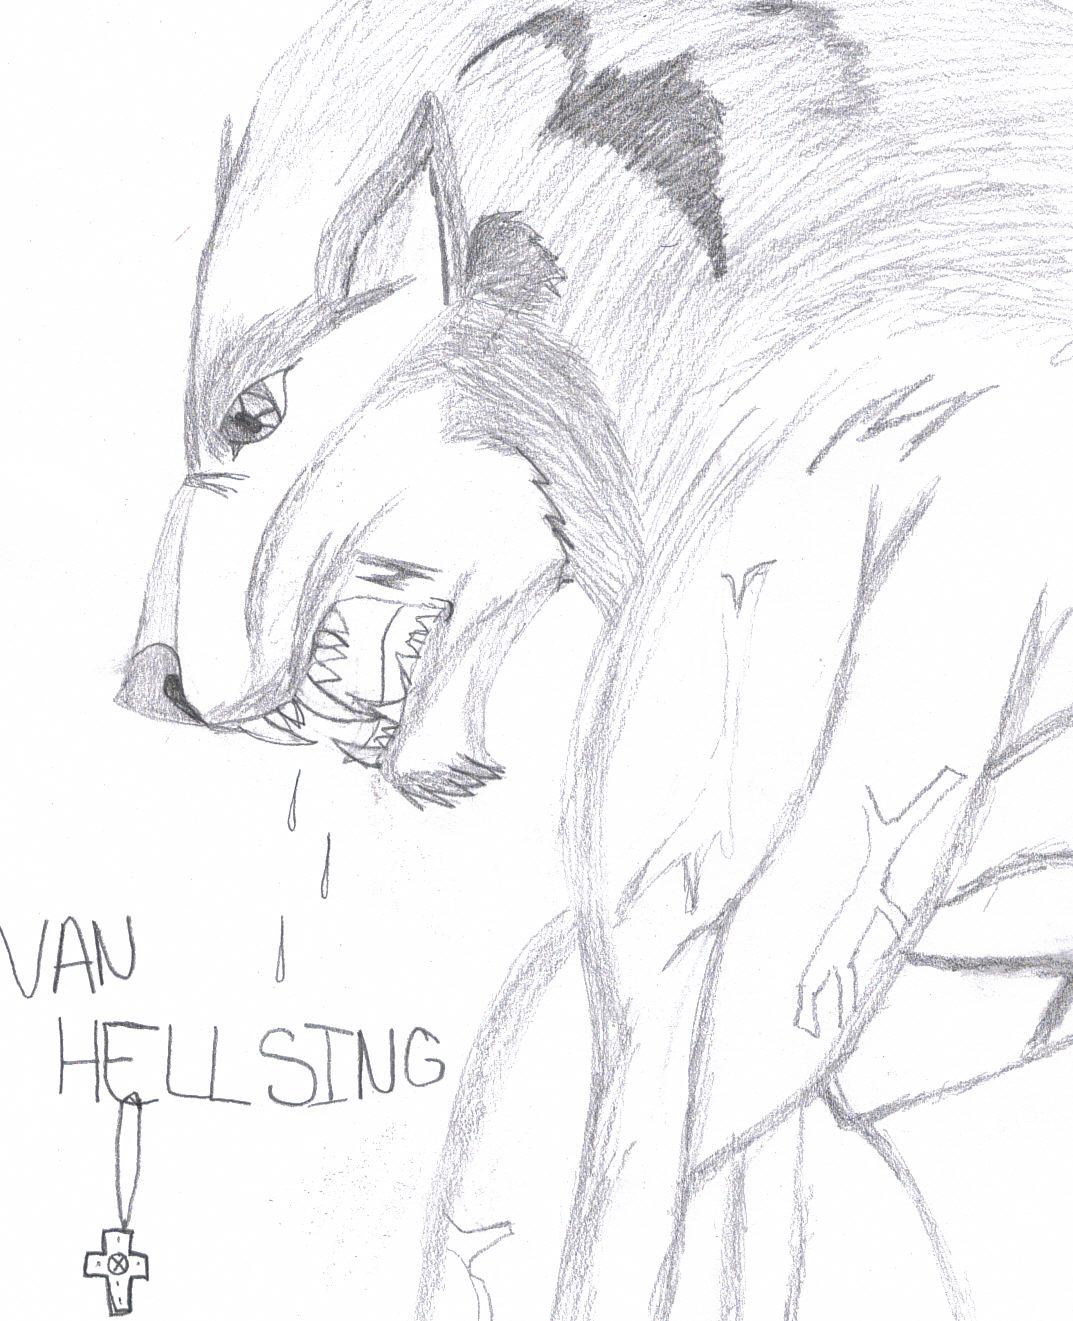 Van Hellsing by zender23